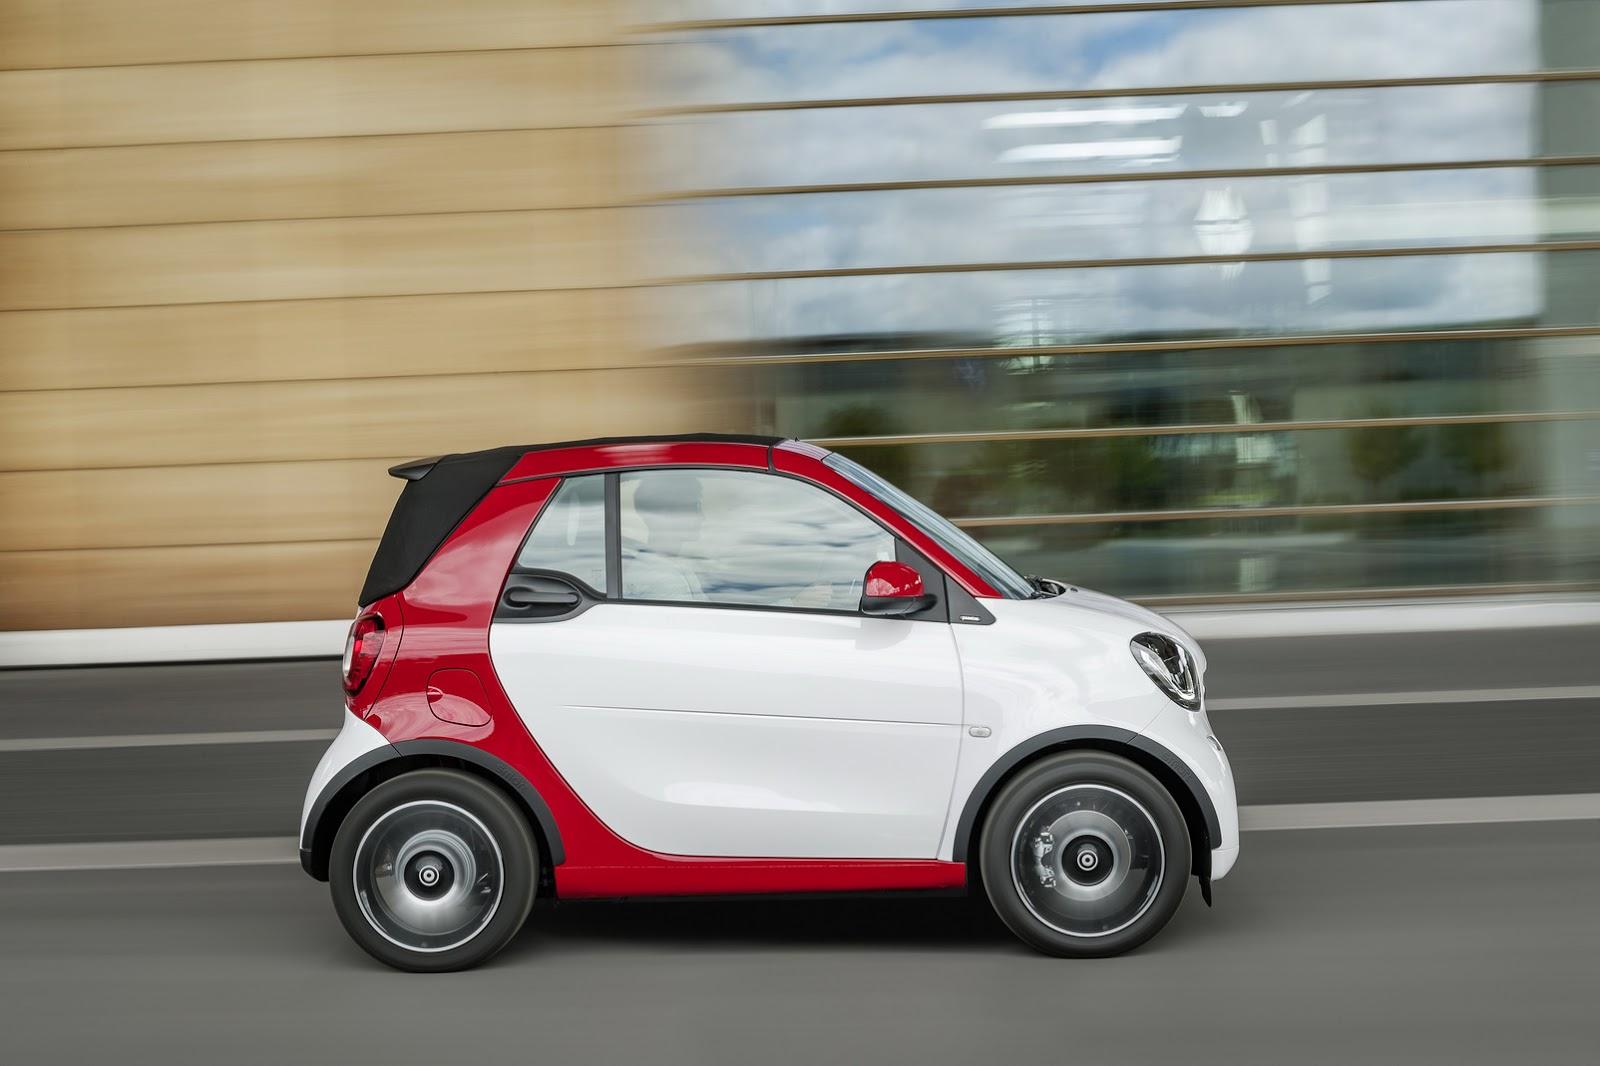 Cụ thể, tại thị trường Mỹ, Smart ForTwo Cabriolet có giá khởi điểm chỉ 18.900 USD, tương đương 424 triệu Đồng. Như vậy, Smart ForTwo Cabriolet tạm thời là mẫu xe mui trần rẻ nhất tại Mỹ hiện nay.